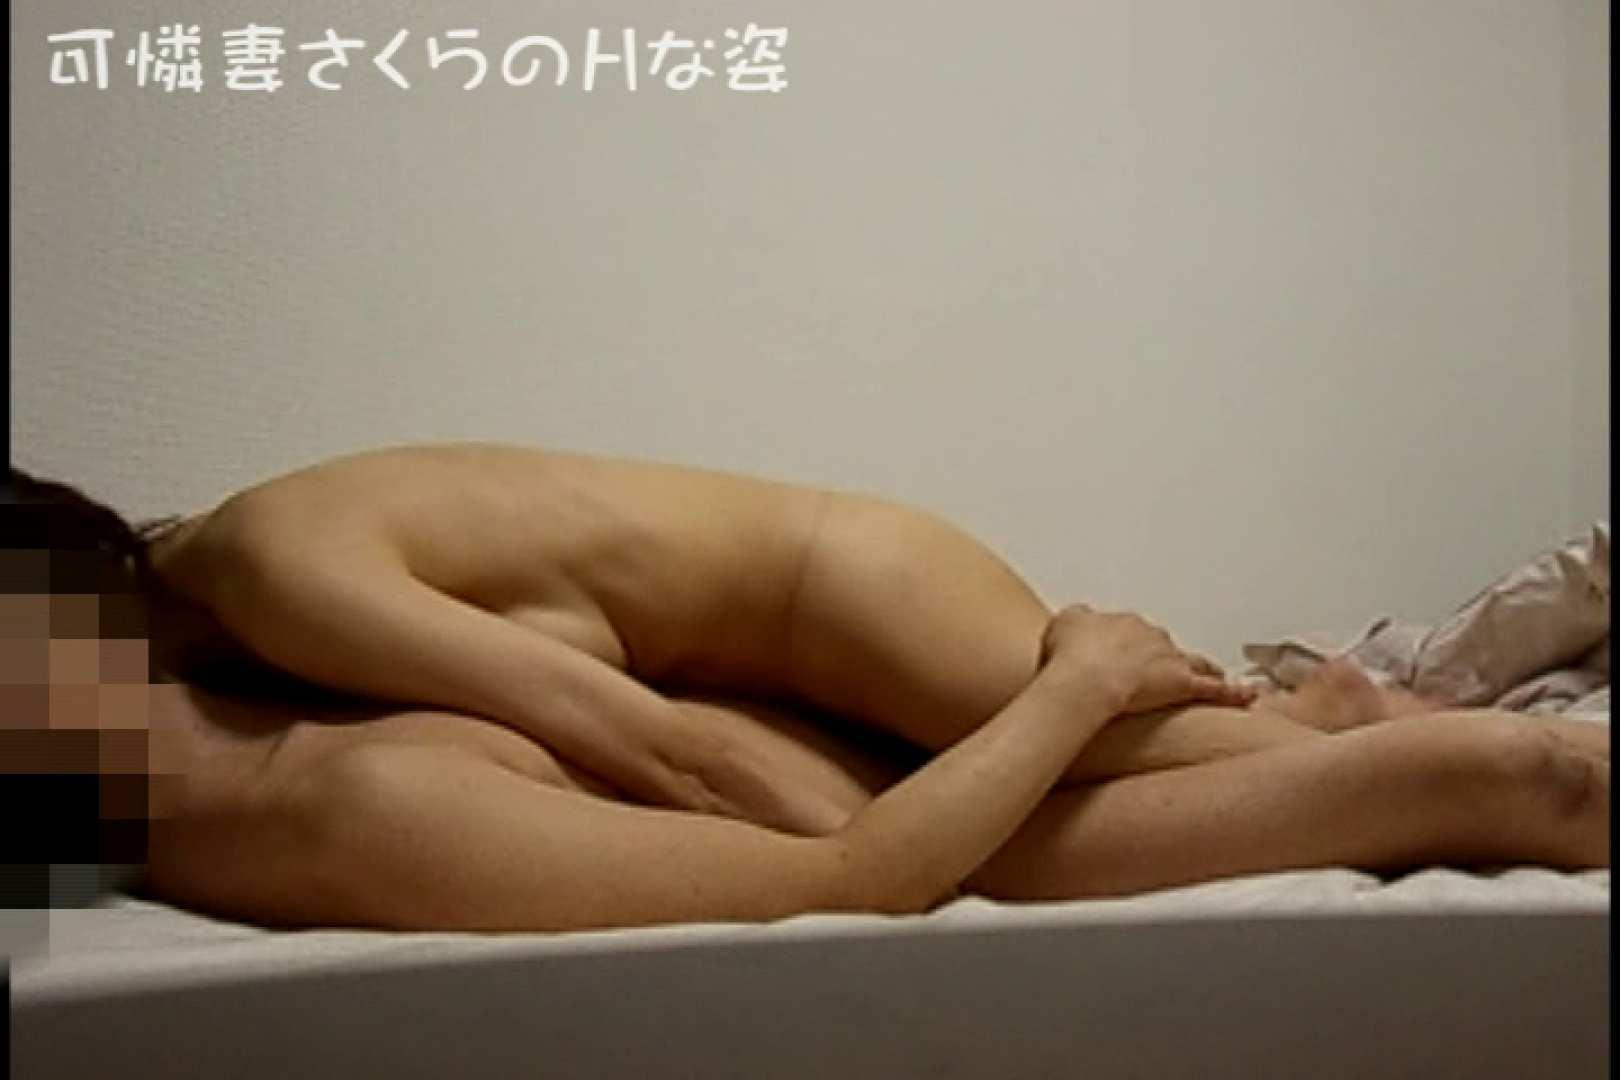 可憐妻さくらのHな姿vol.3 おっぱい   セックス  90画像 46